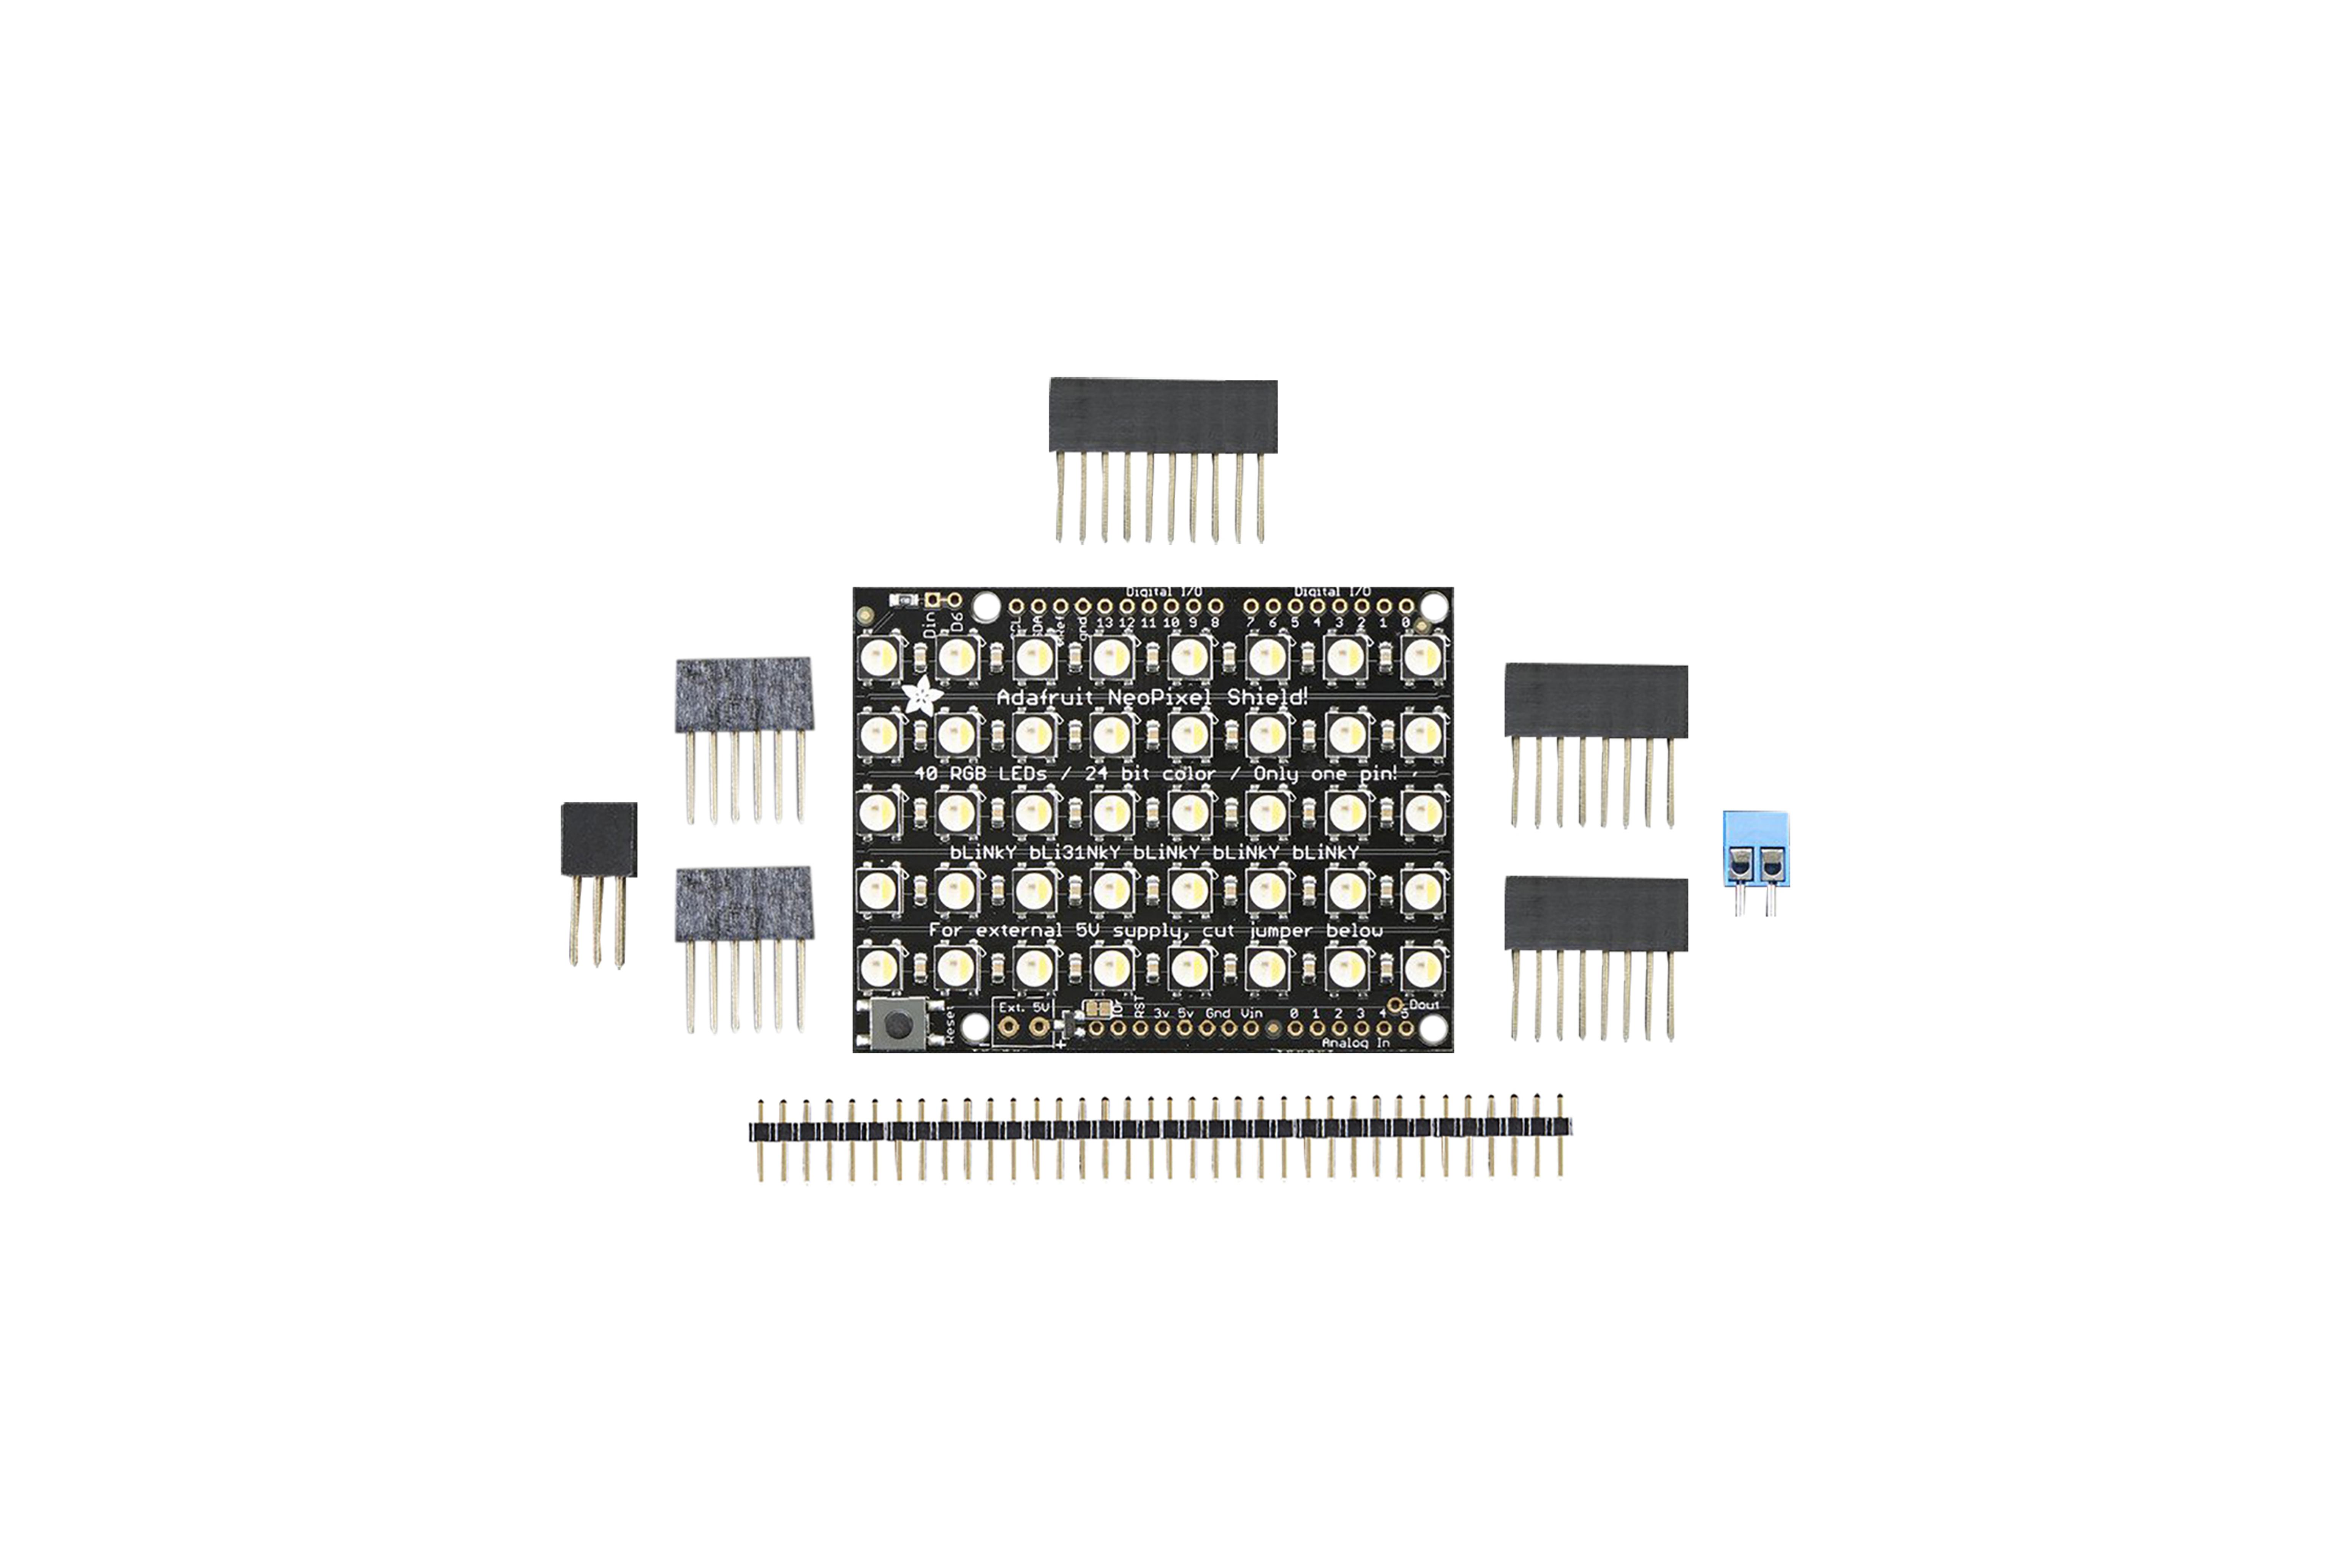 NEOPIXEL SHIELD 40 RGBW LED SHIELD 4500K